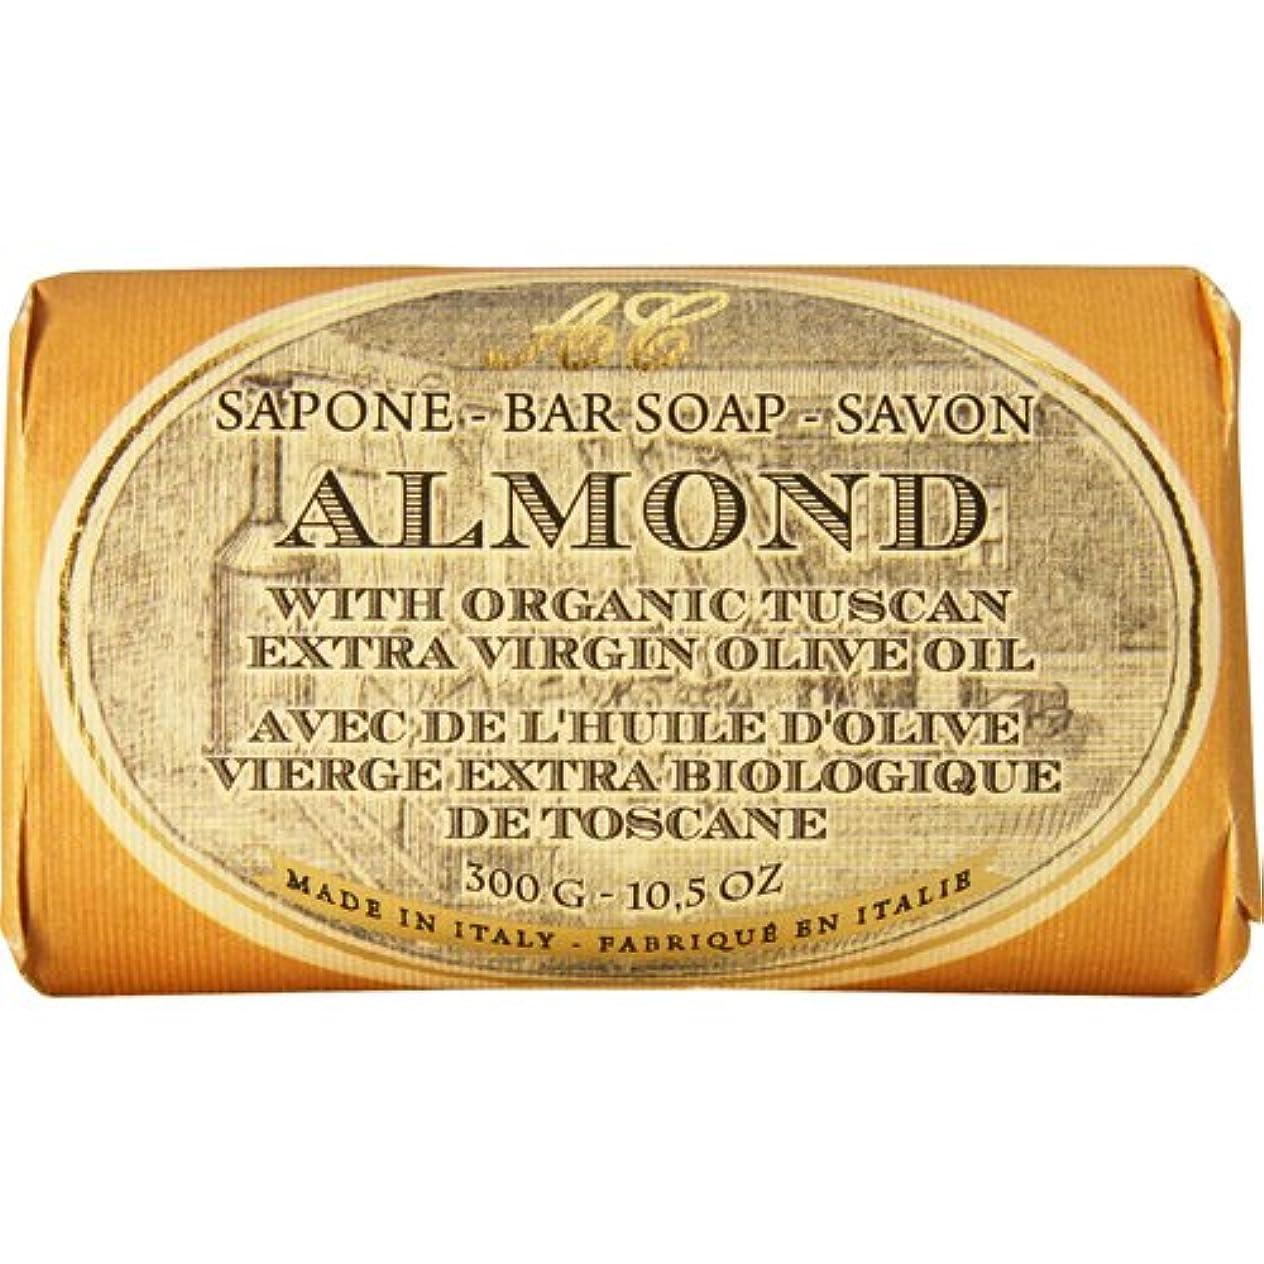 日怖がらせるとしてSaponerire Fissi レトロシリーズ Bar Soap バーソープ 300g Almond アーモンドオイル